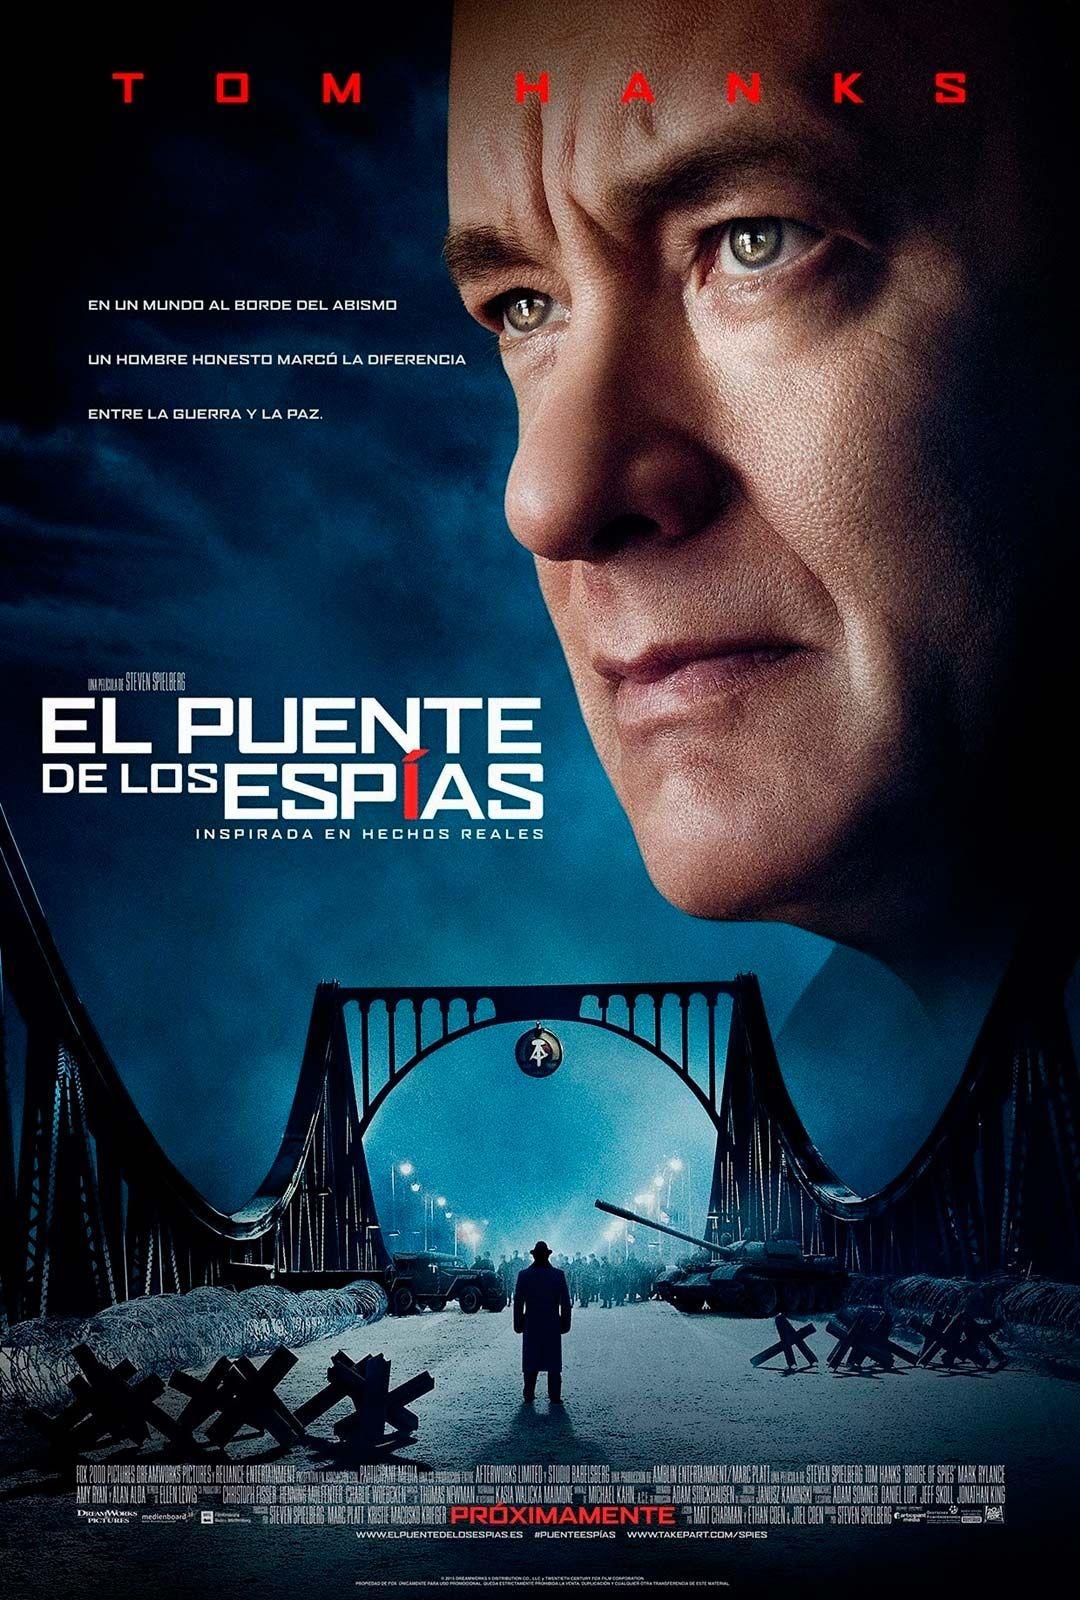 El puente de los espías [Vídeo (DVD)] / directed by Steven Spielberg. Distribuida por Twentieth Century Fox Home Entertainment, cop. 2016